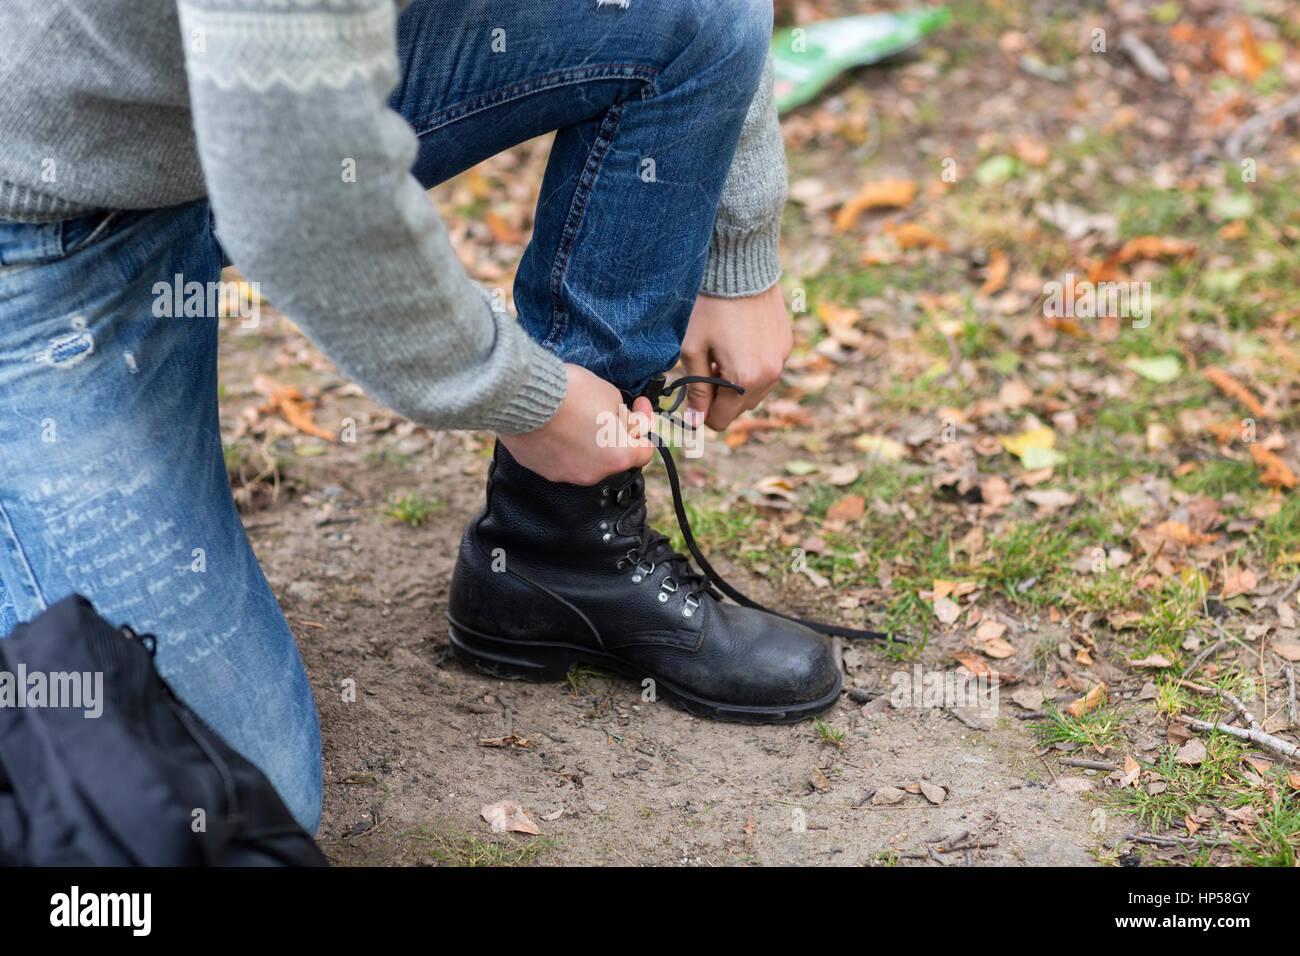 Excursionista macho en el campo shoelace atado Imagen De Stock